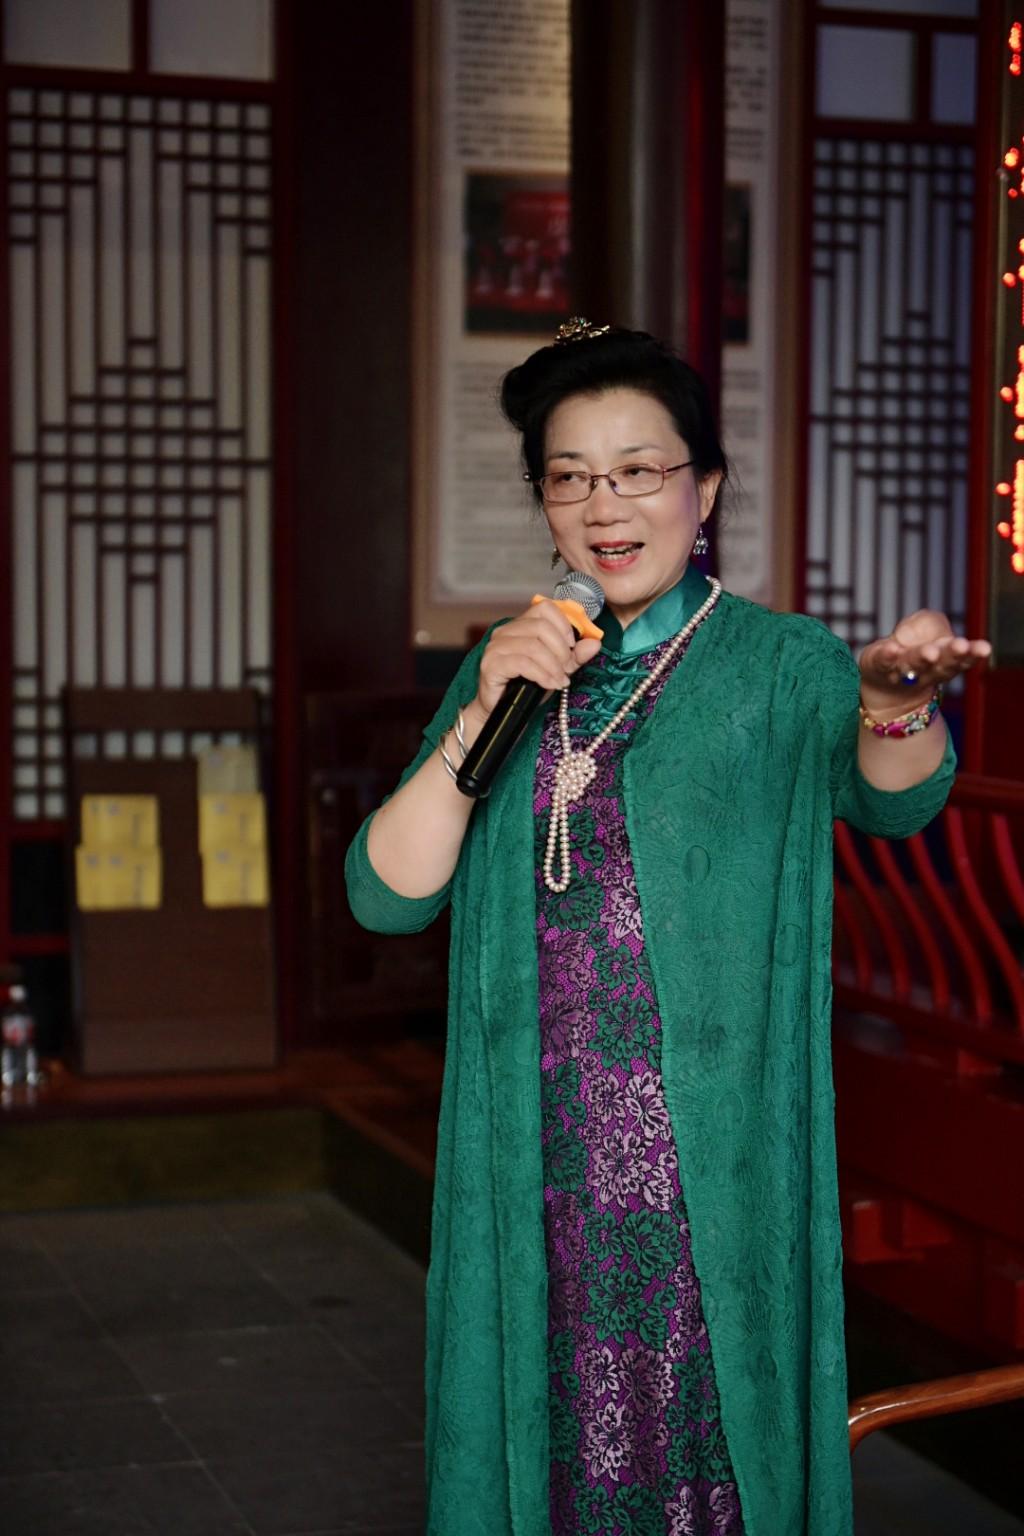 浙江嘉兴·海宁旗袍协会:丁会长